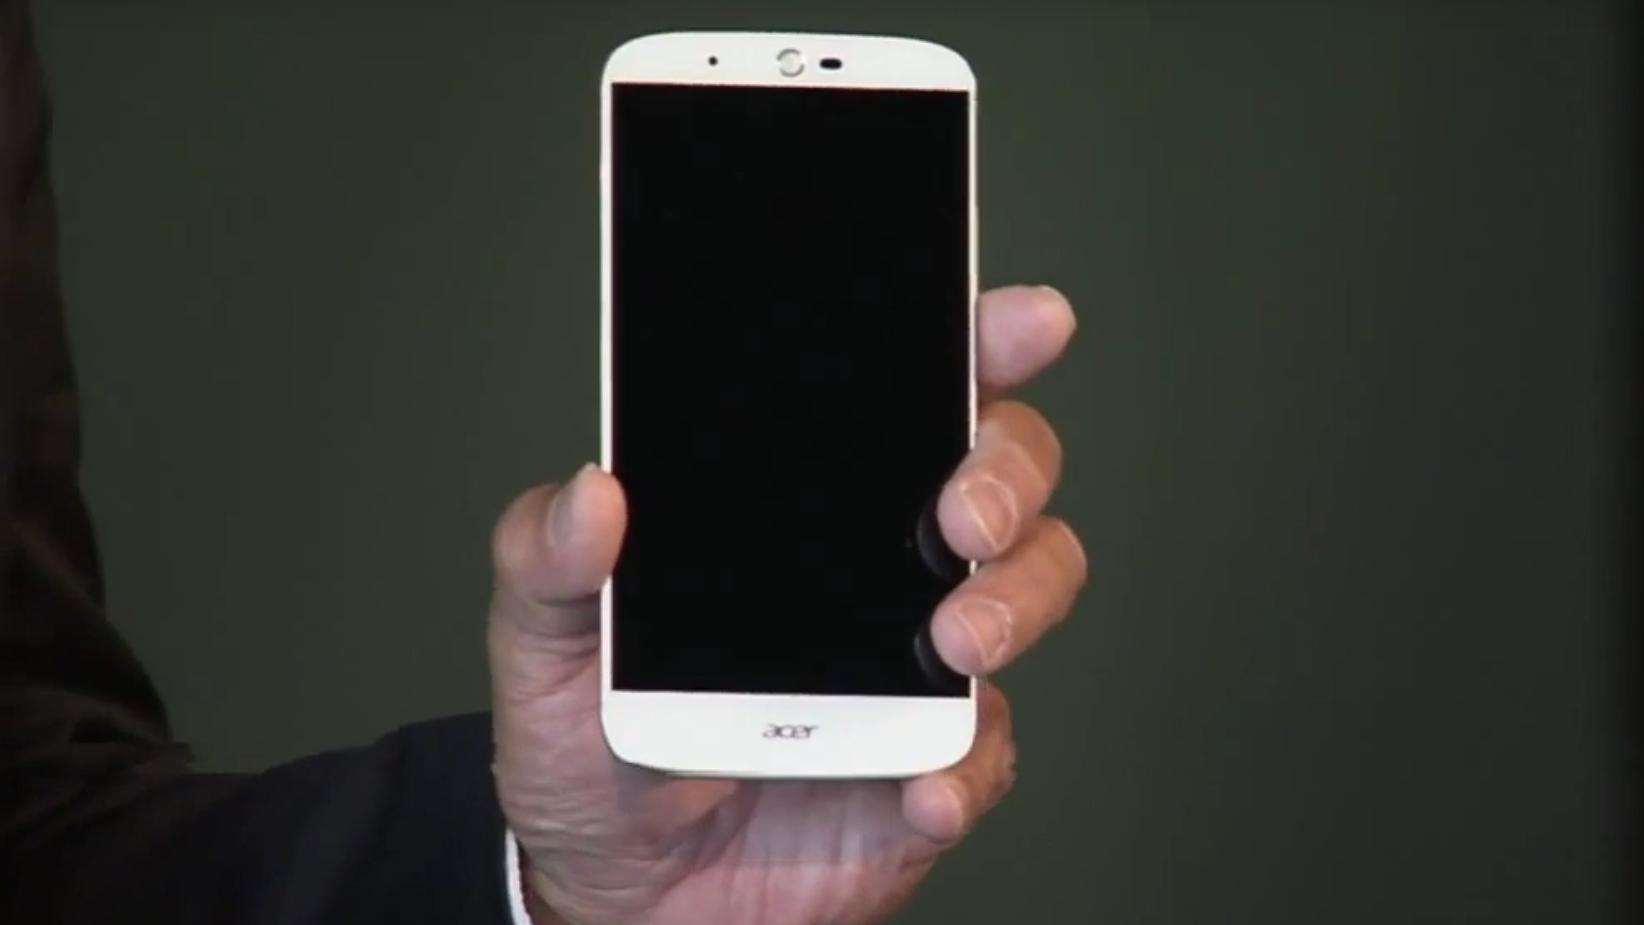 Acers nye mobil har et batteri på hele 5000 mAh